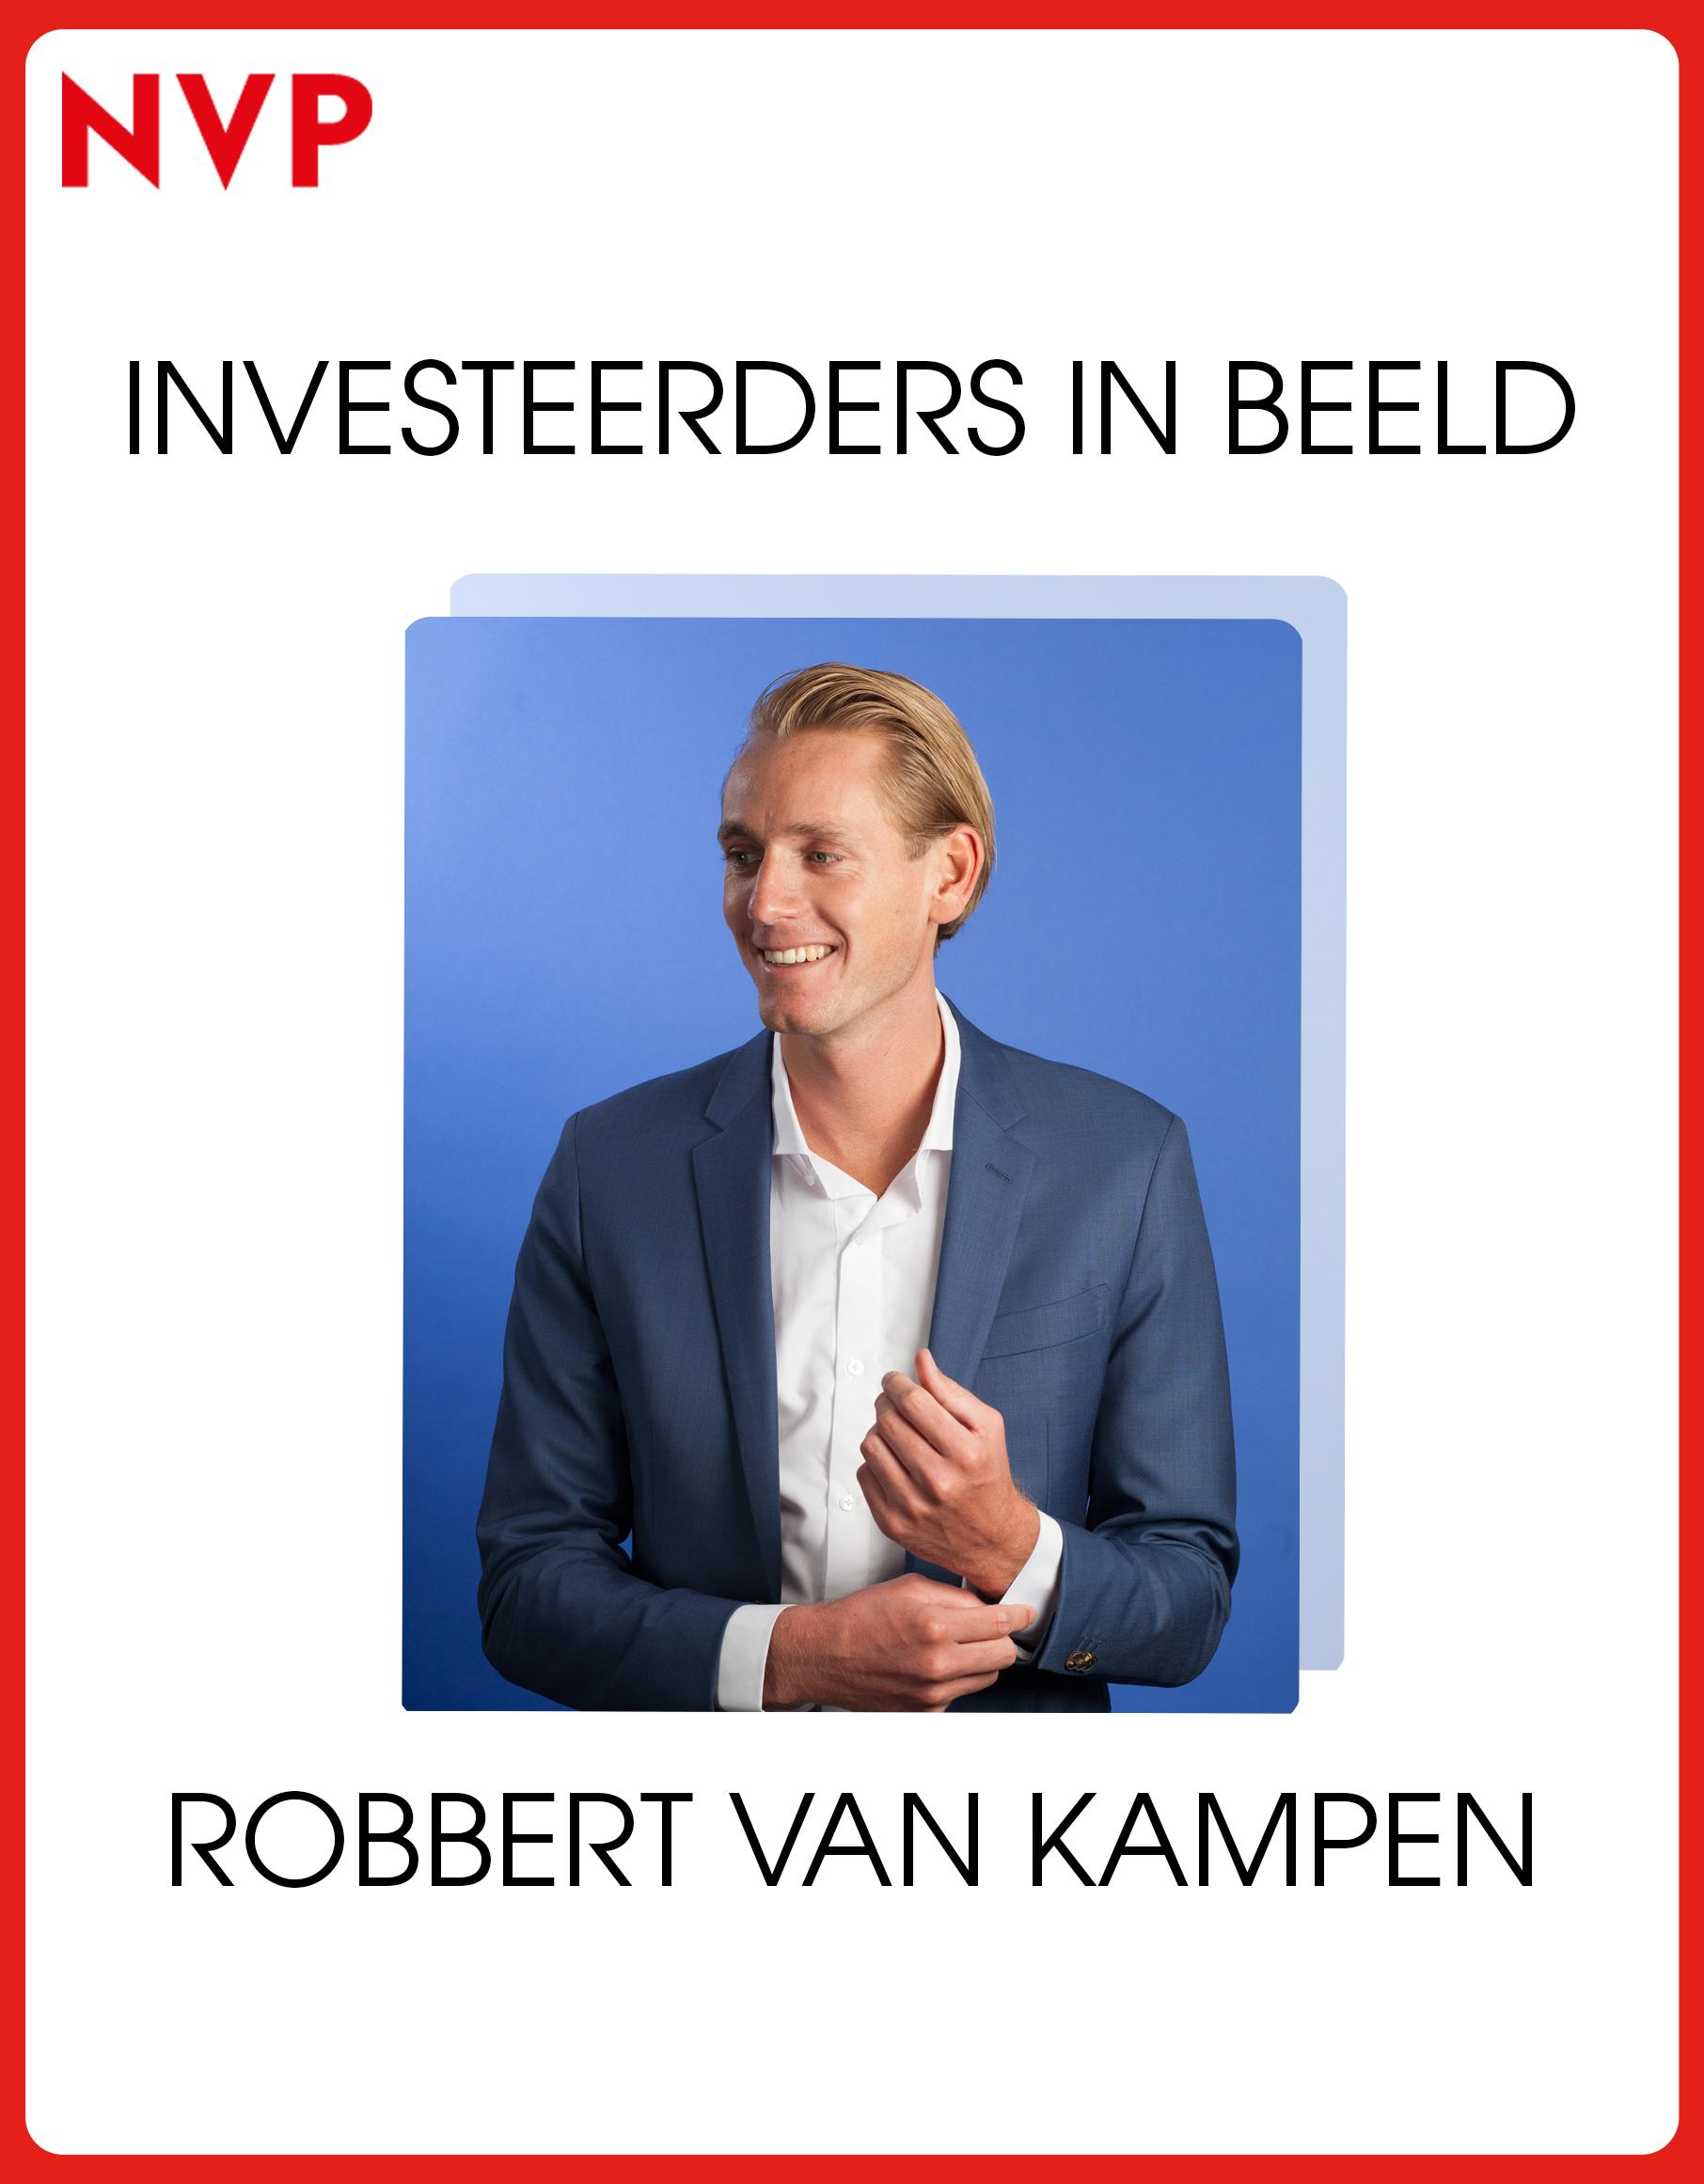 Investeerders in beeld